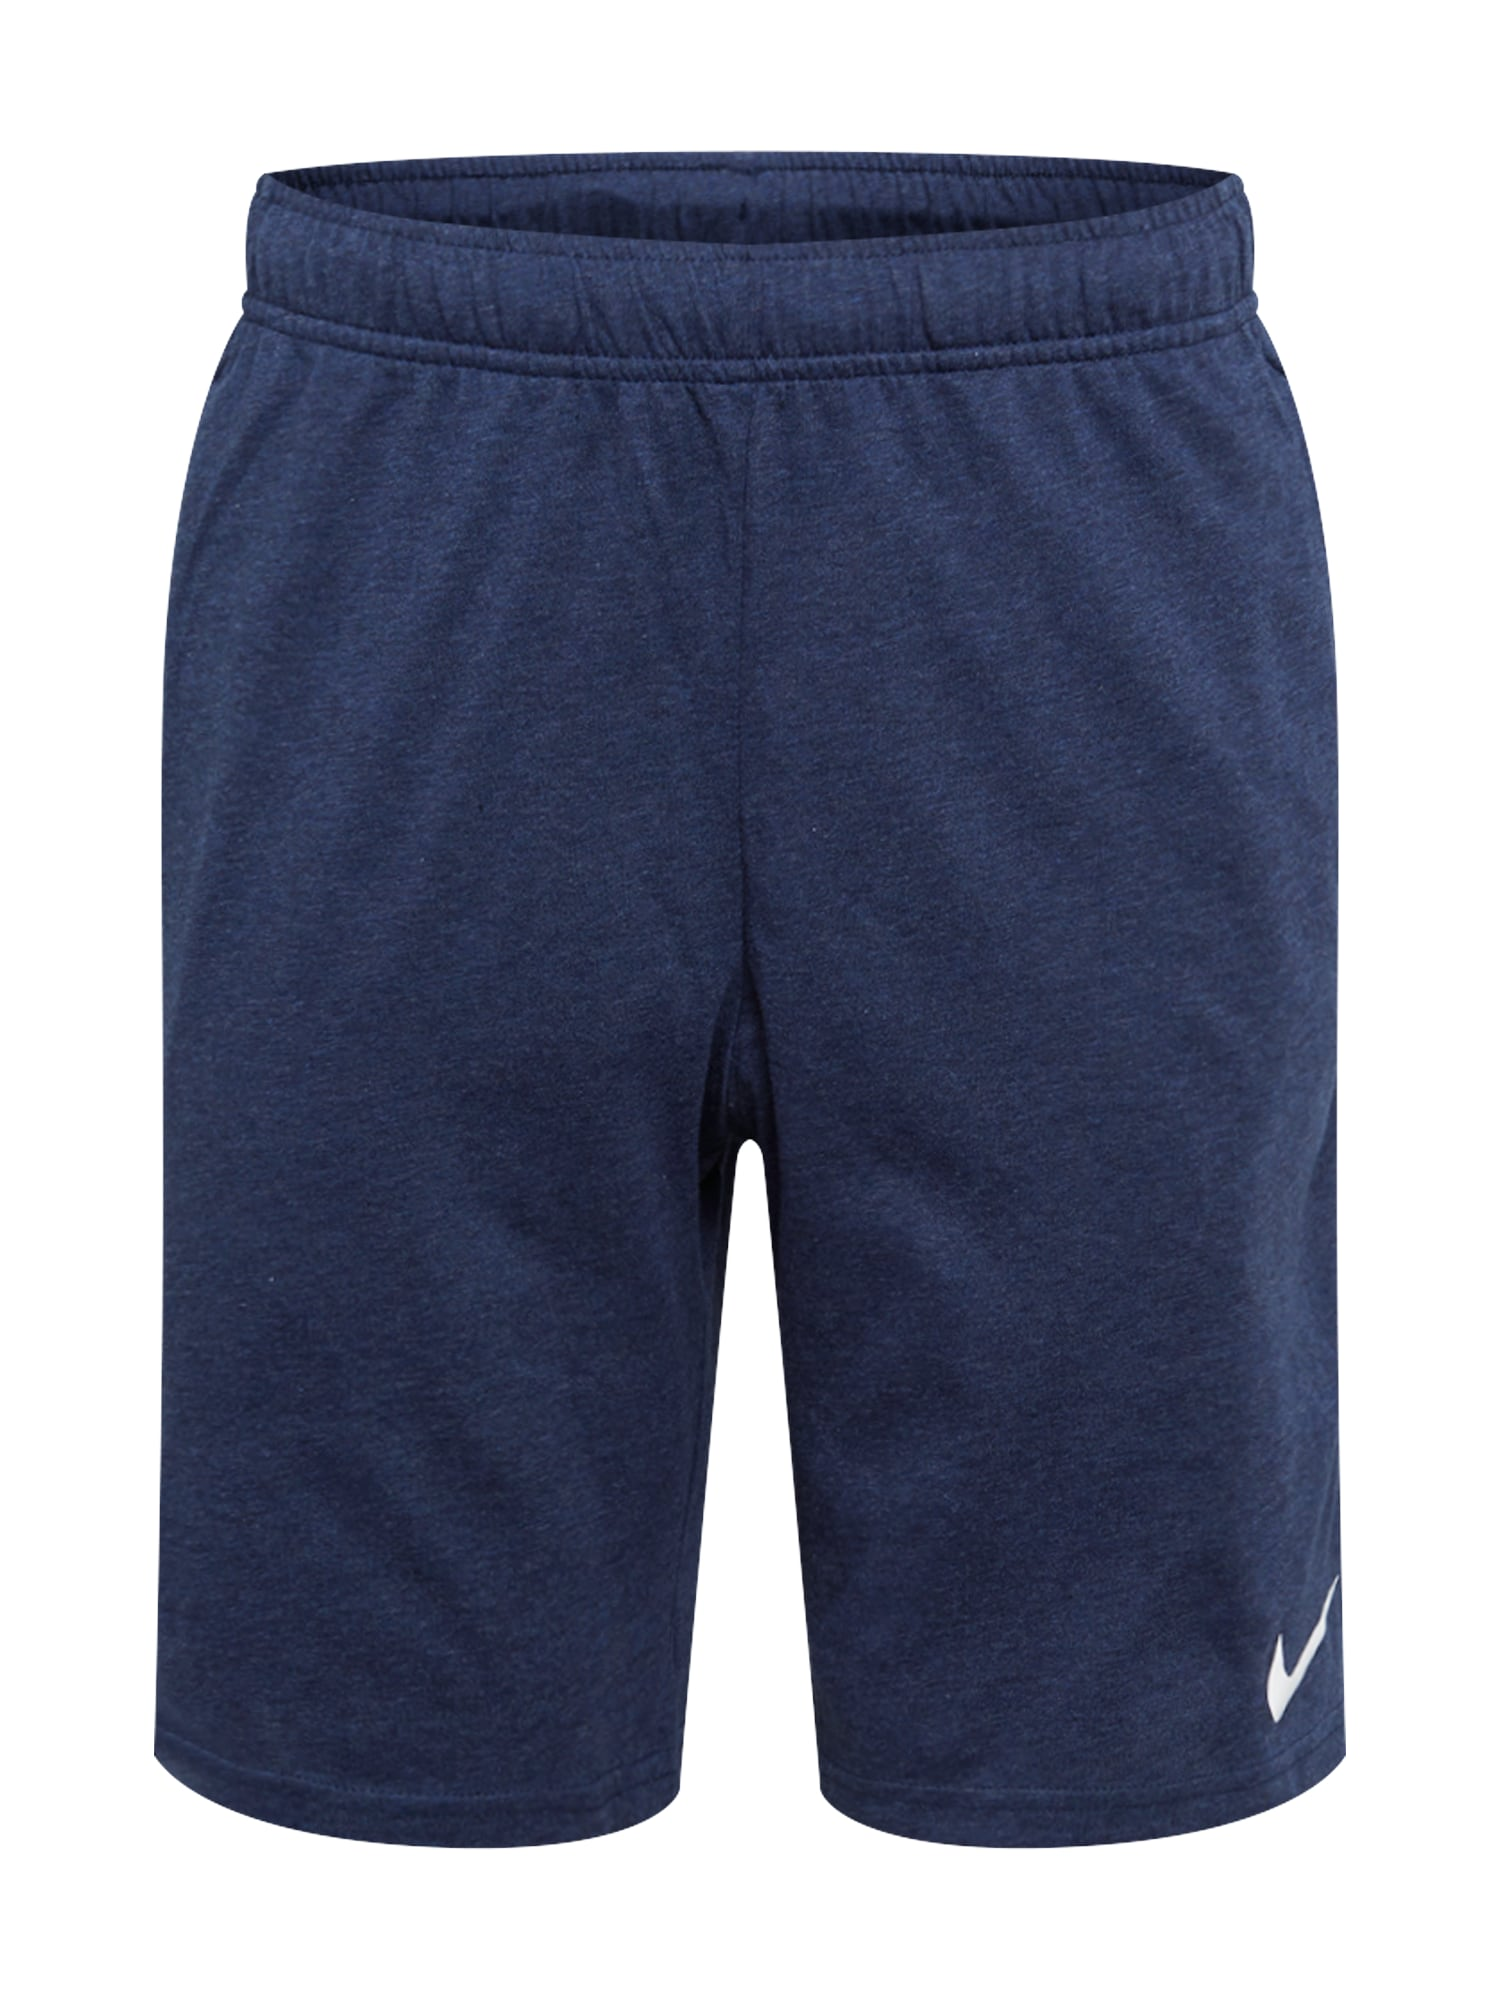 NIKE Sportinės kelnės balta / tamsiai mėlyna